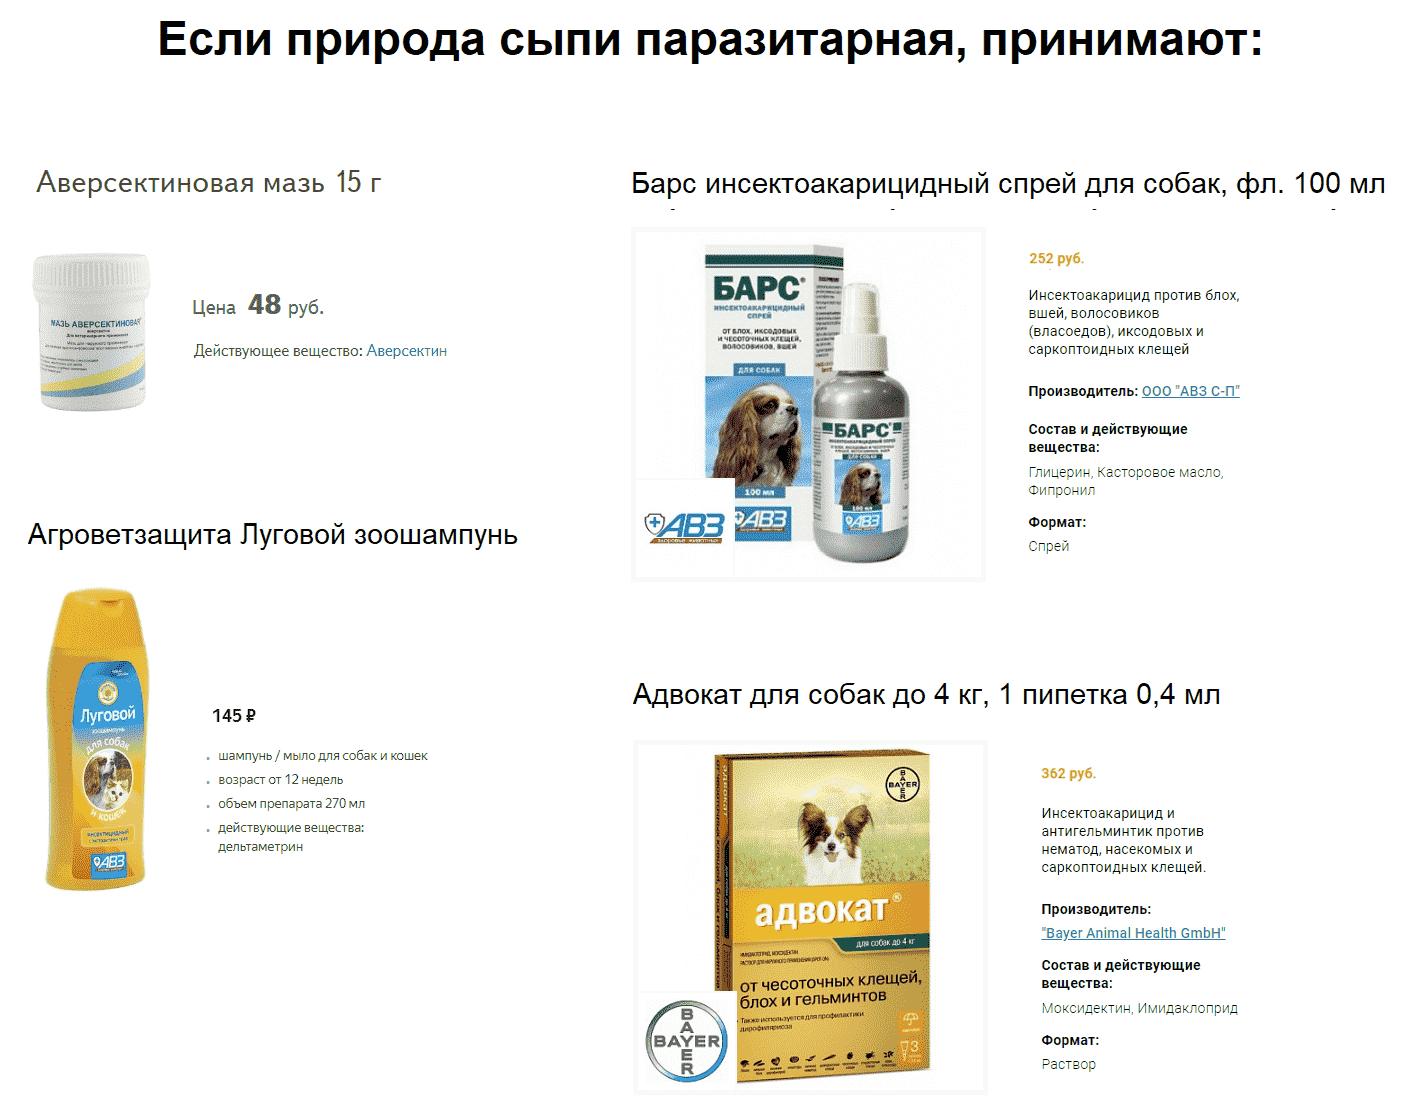 сыпь у собаки на животе